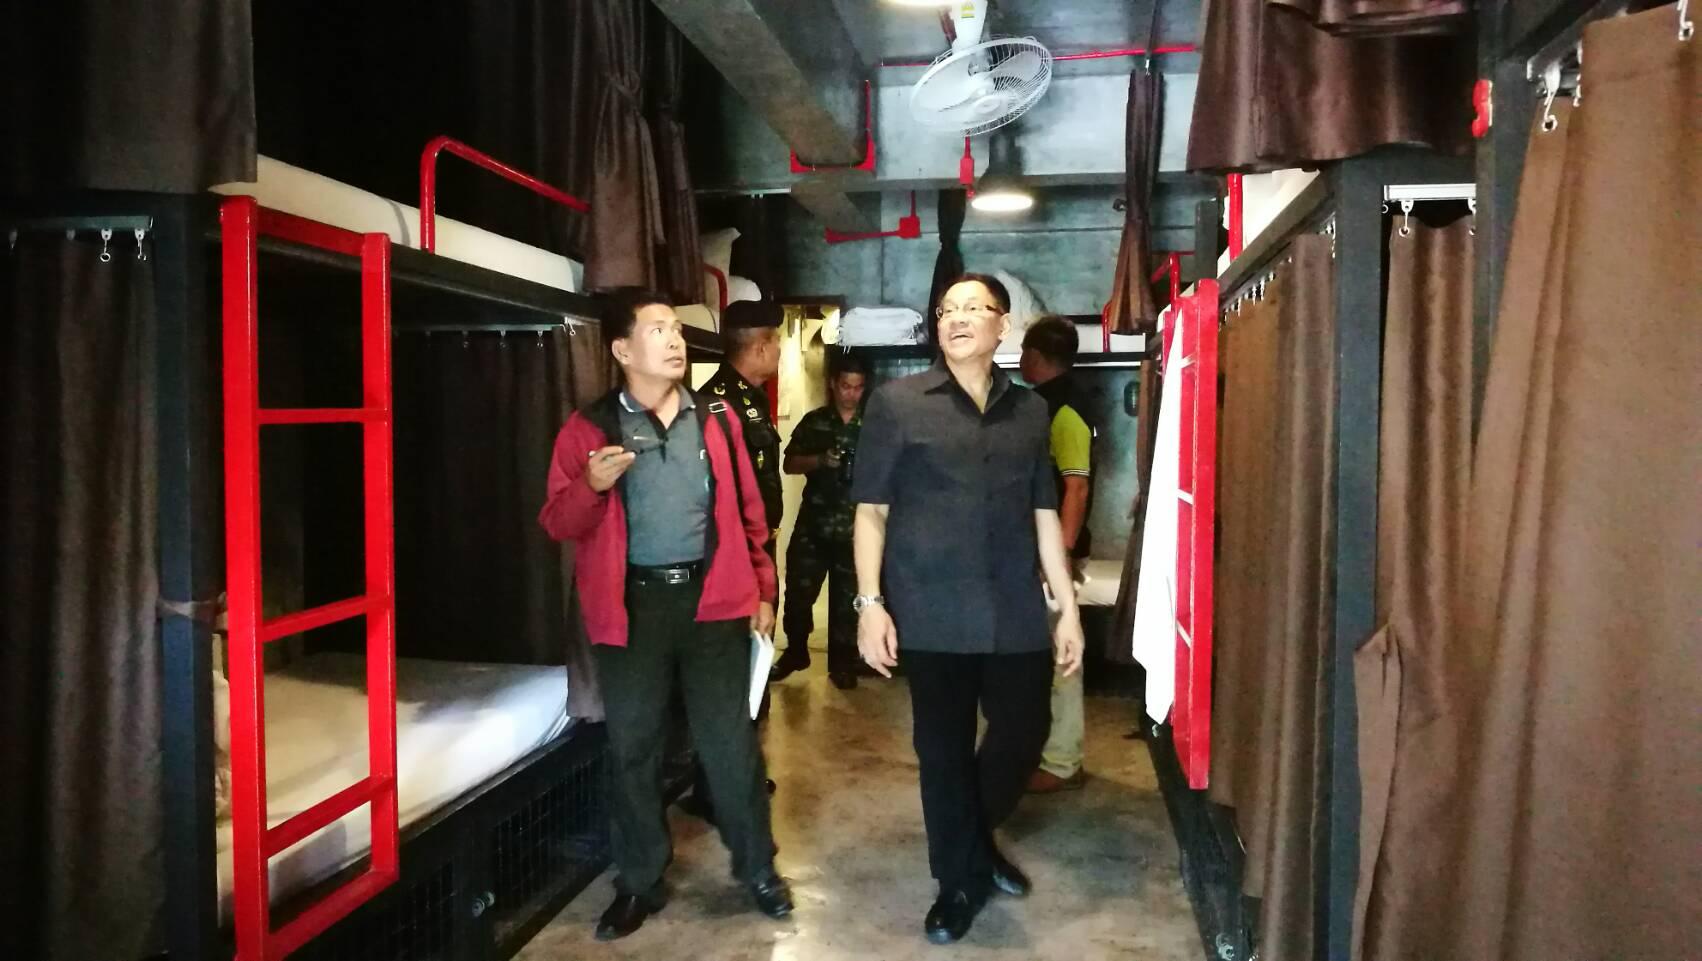 Dix hôtels en infraction avec la loi ont été découverts à Ao Nang, dans la province de Krabi, après des contrôles menés par les autorités